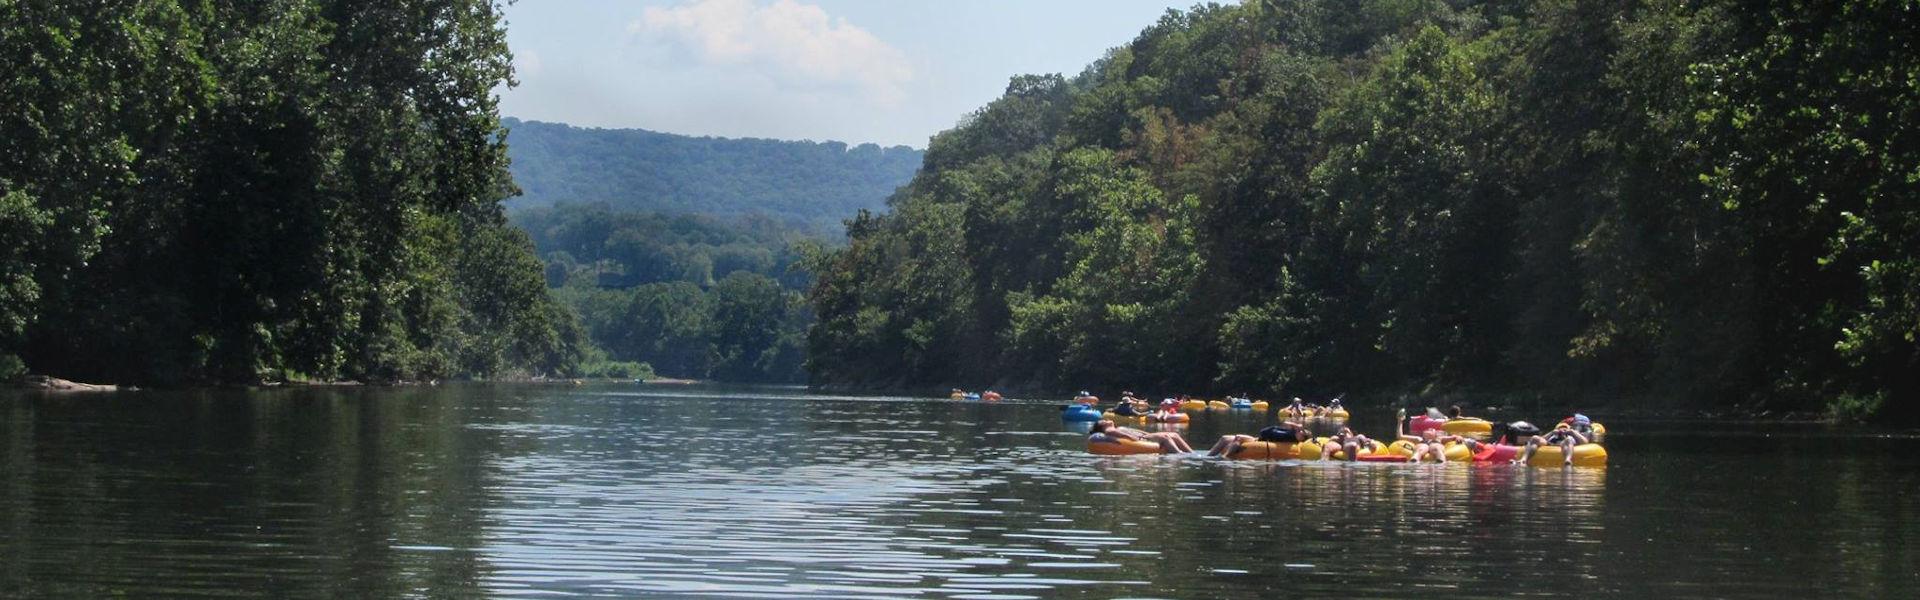 Shenandoah River Adventures Discover Shenandoah